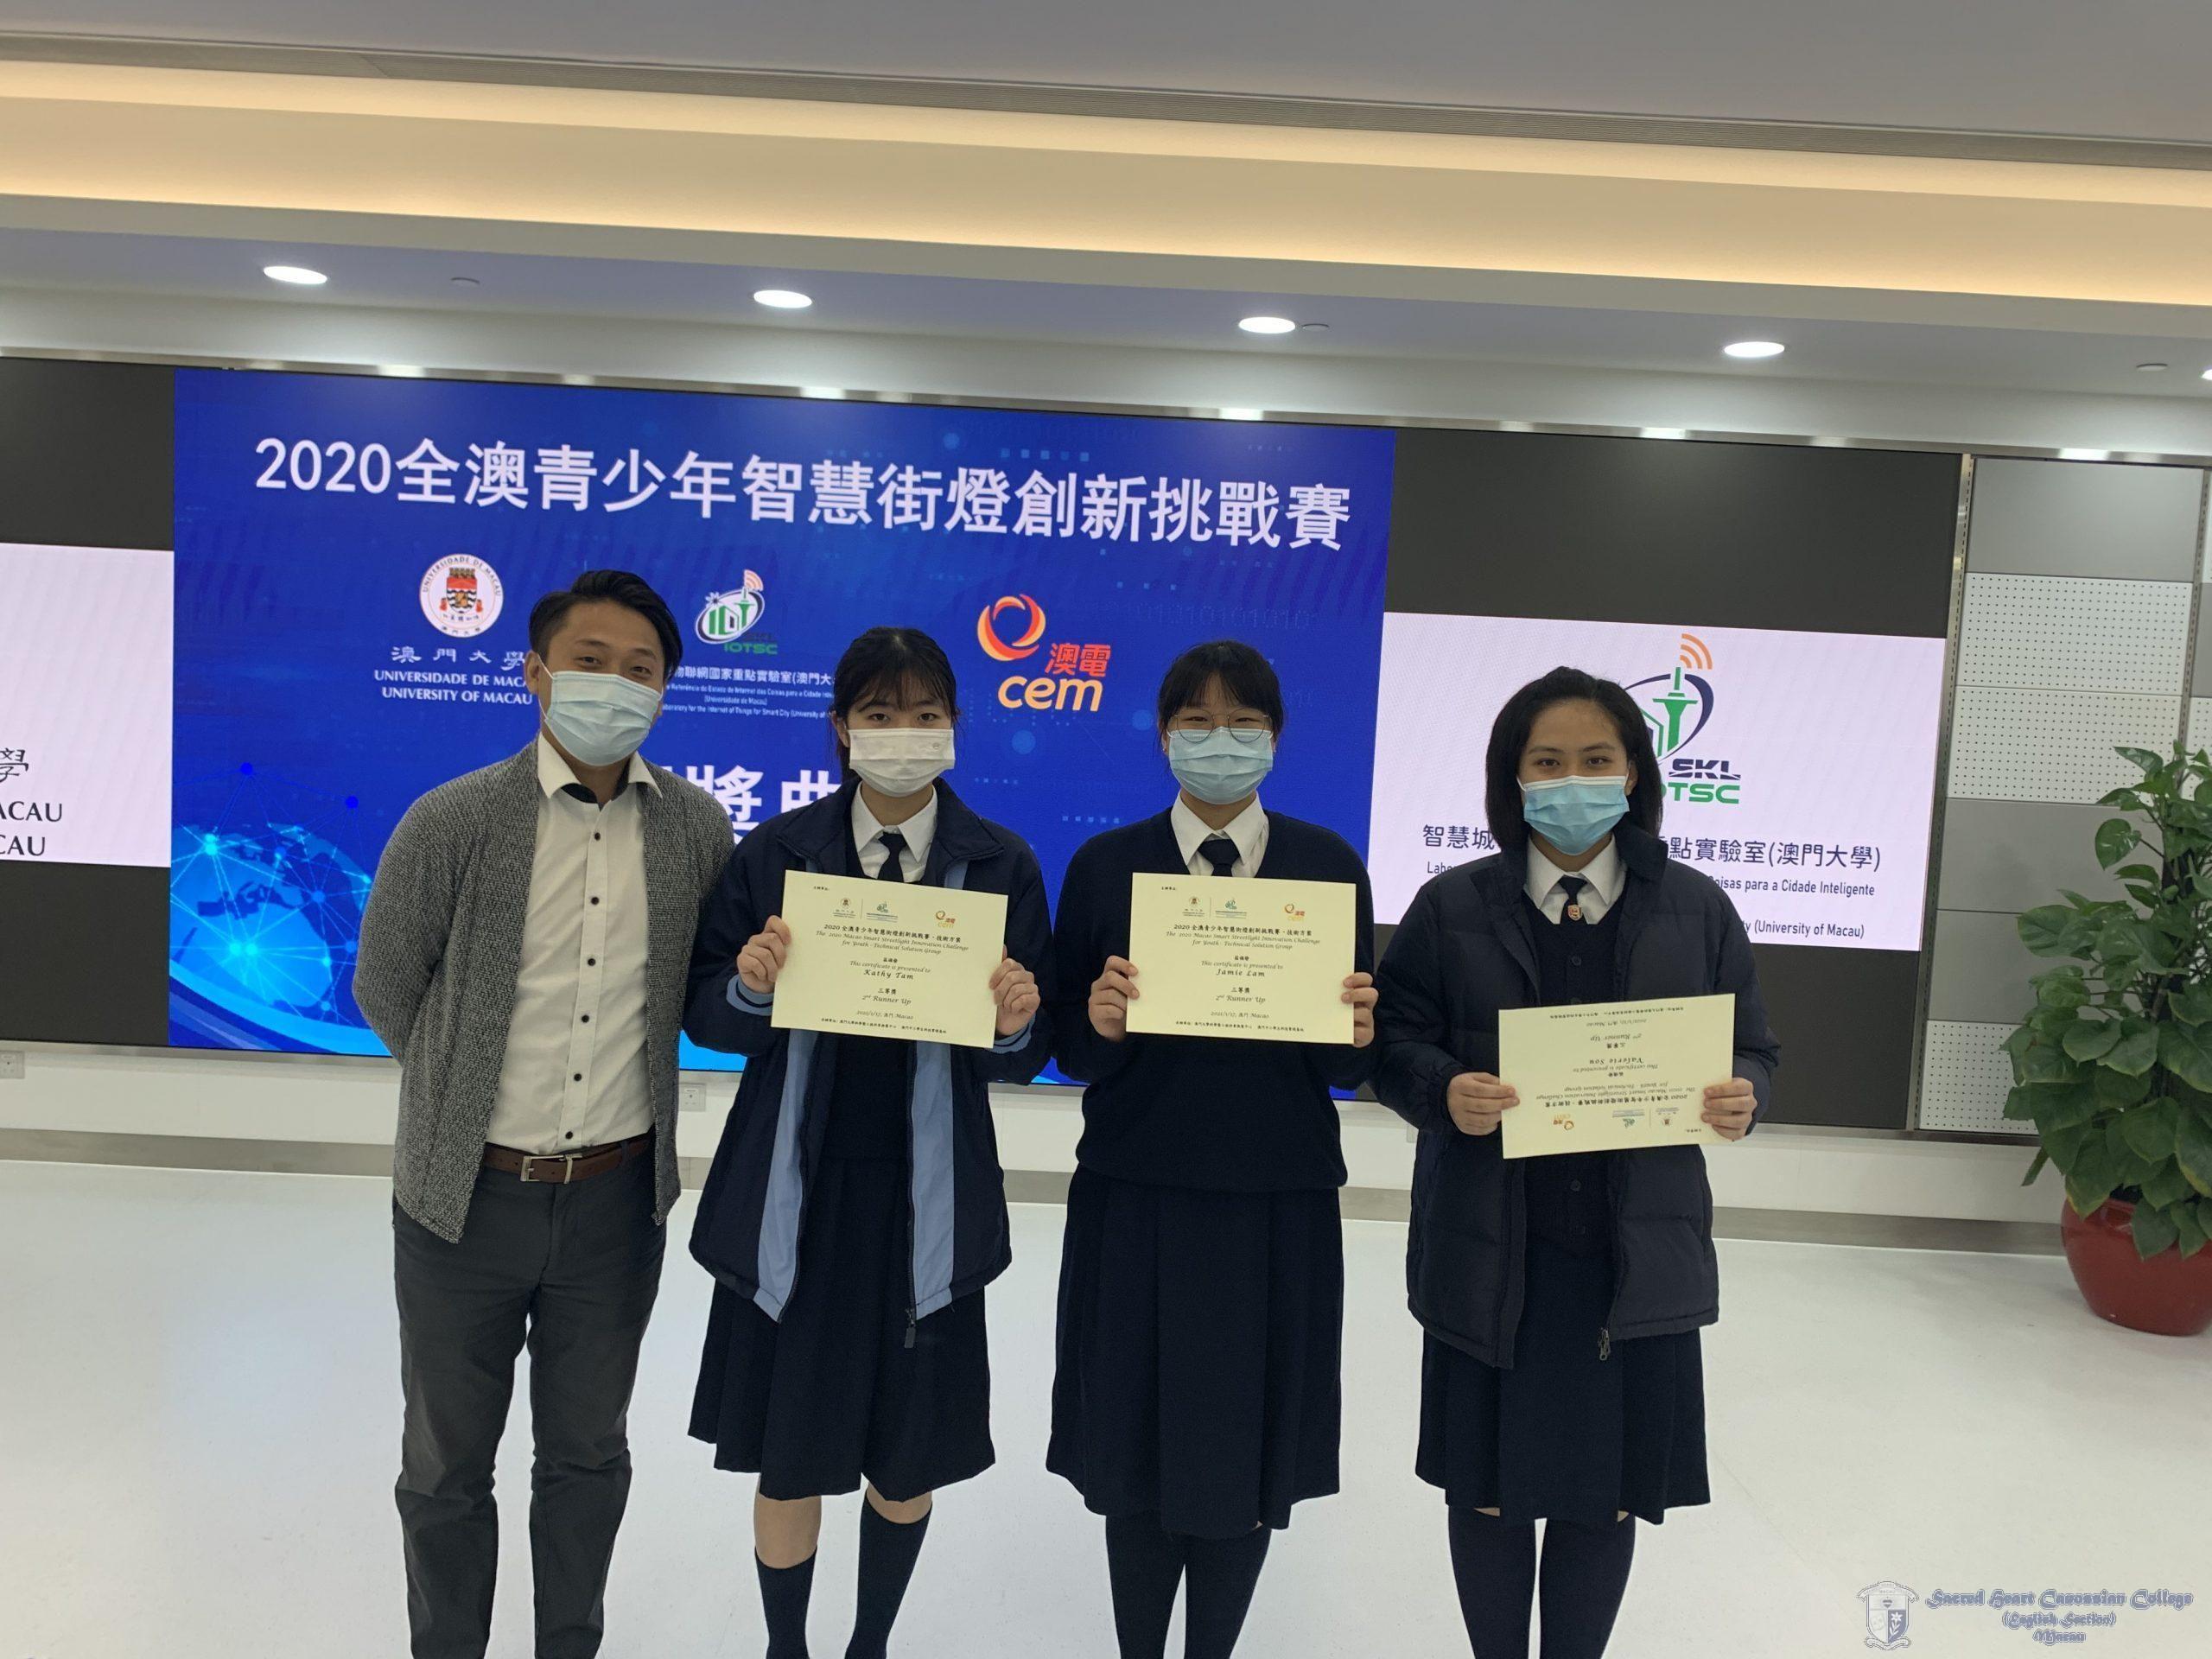 獲獎學生與指導老師合照